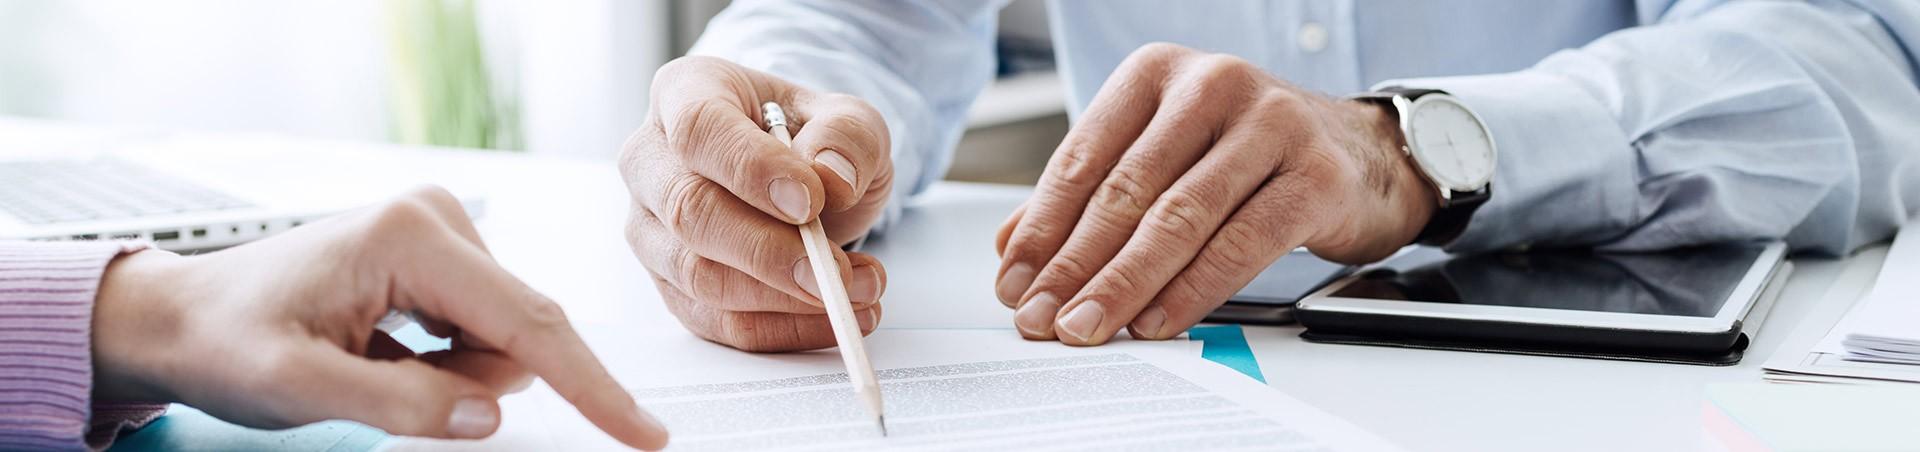 Arbeidsovereenkomst Pensioenrecht Delissen Martens